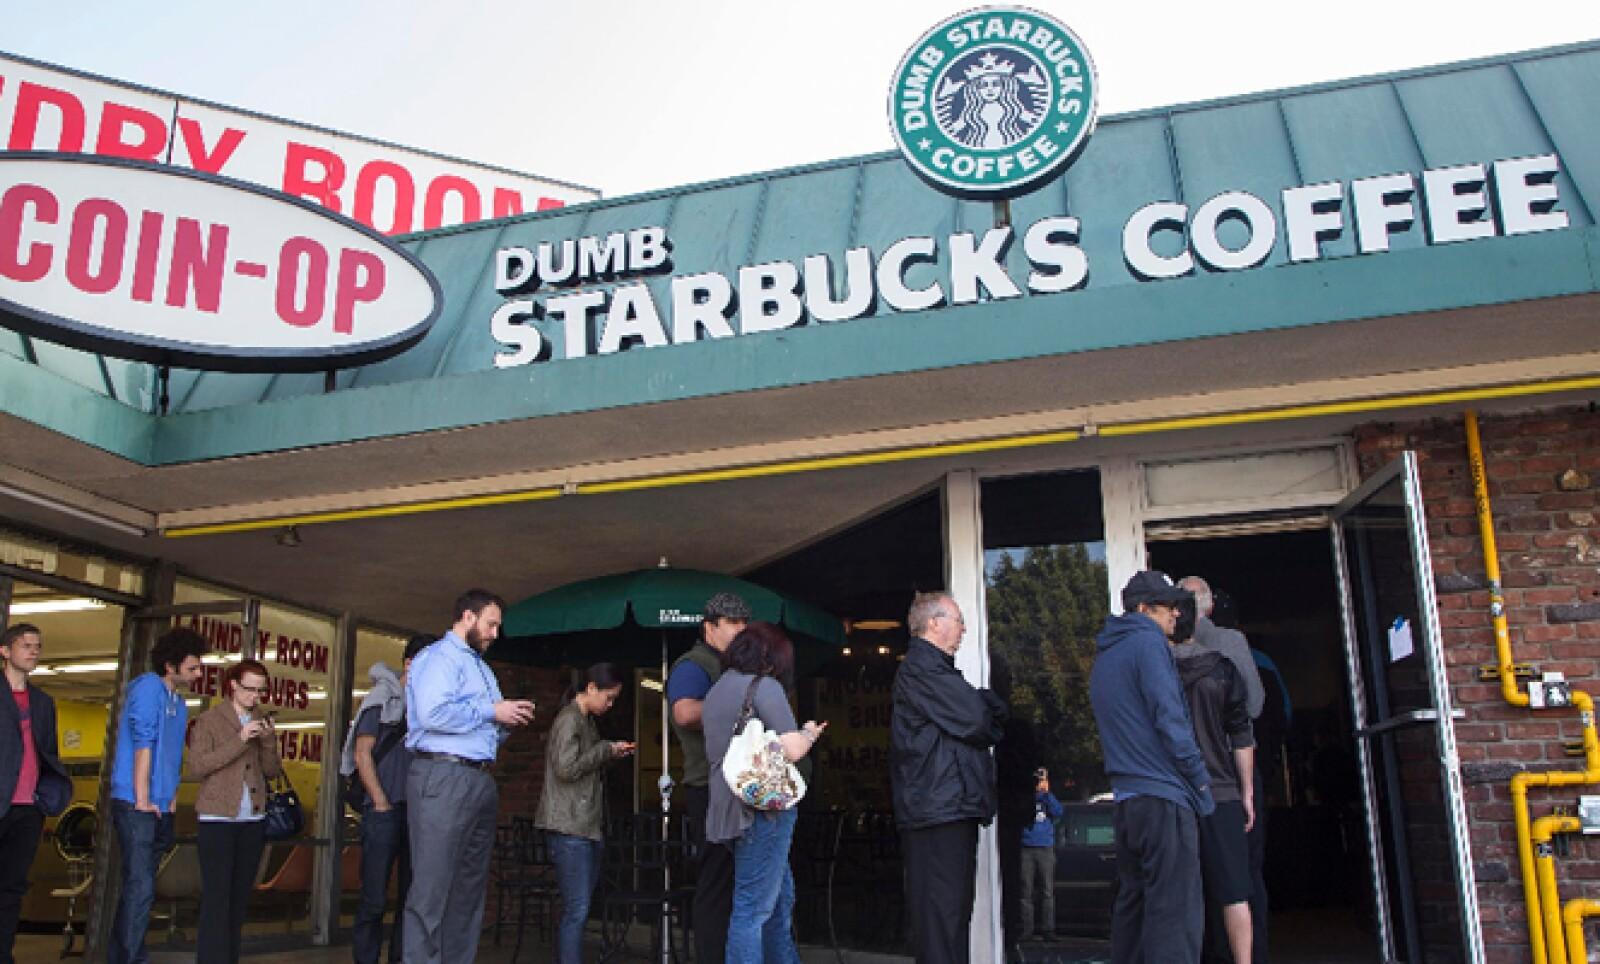 'Dumb Starbucks' abrió el fin de semana con el ya conocido logo de la sirena, en Los Ángeles